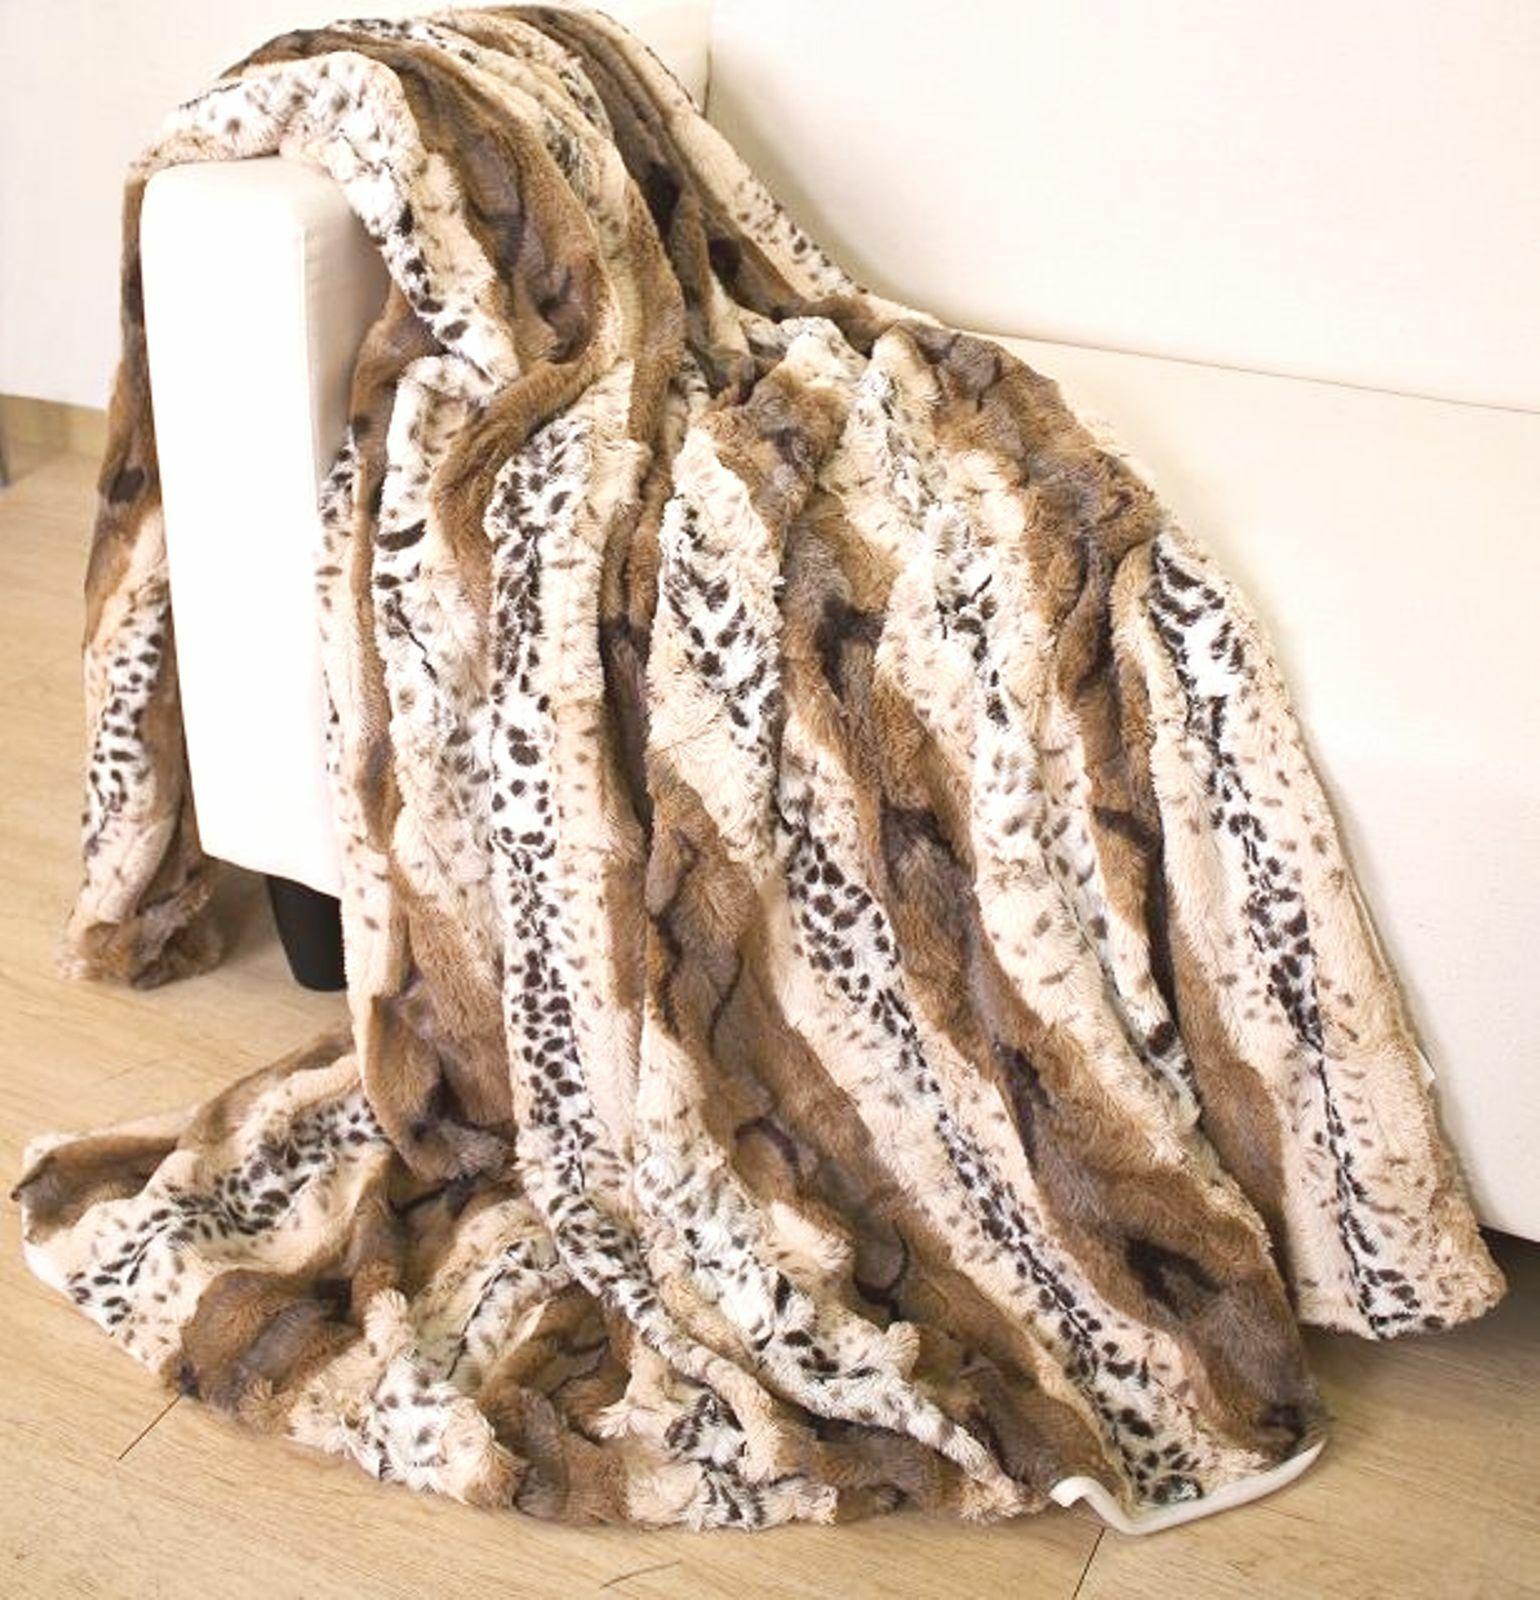 Schöne Doubelface Fellimitat Kuscheldecke Decke Tierfellmuster Leopard 150x200cm